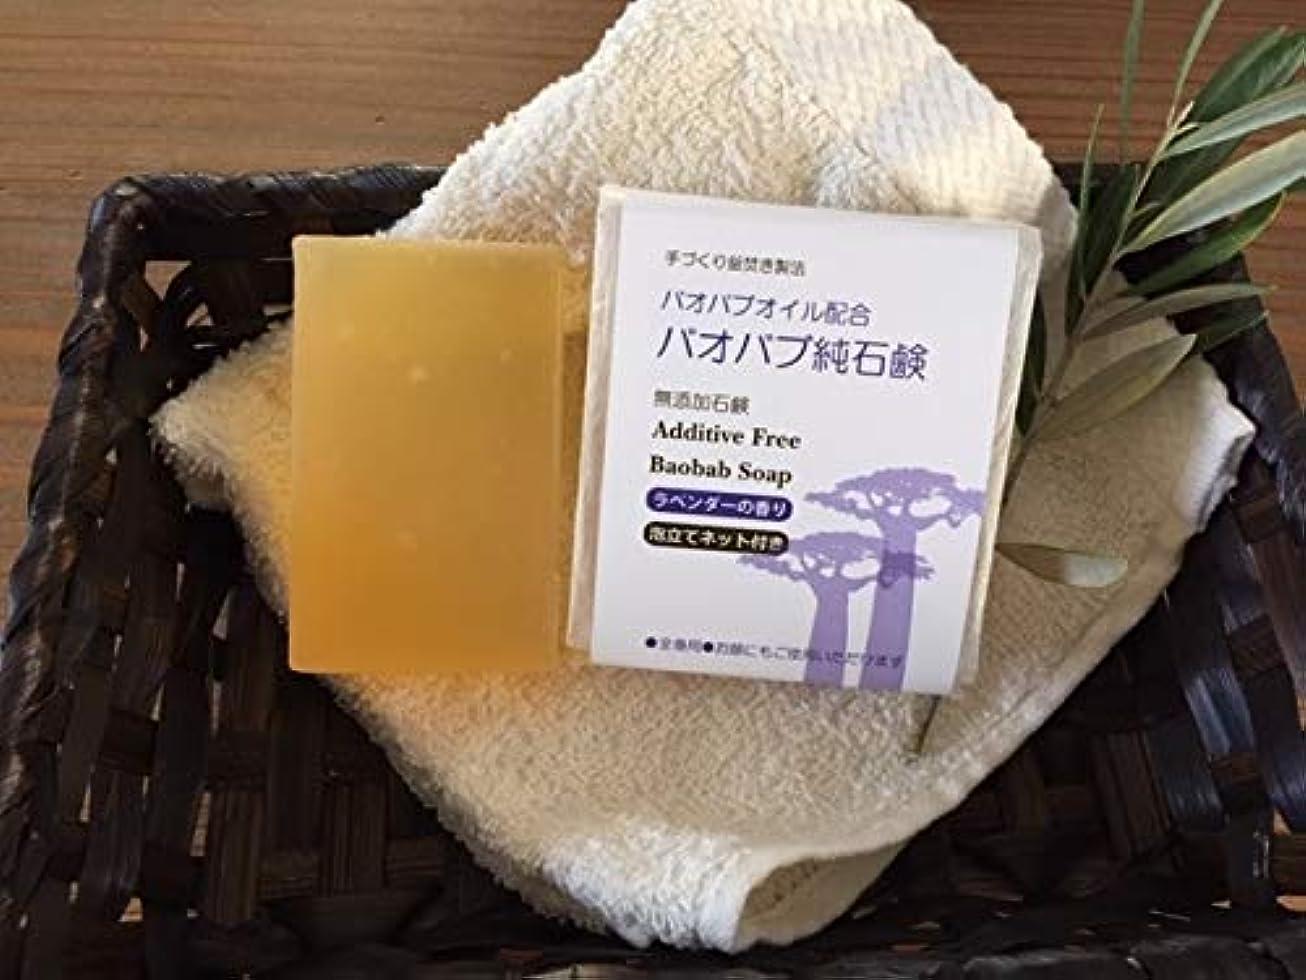 疎外補助下る手づくり釜焚き石鹸 バオバブ純石鹸 ラベンダーの香り 130g バス用ジャンボサイズ『ゴールド 未精製 バオバブオイル配合』 有機栽培のバオバブオイルをたっぷり配合しました